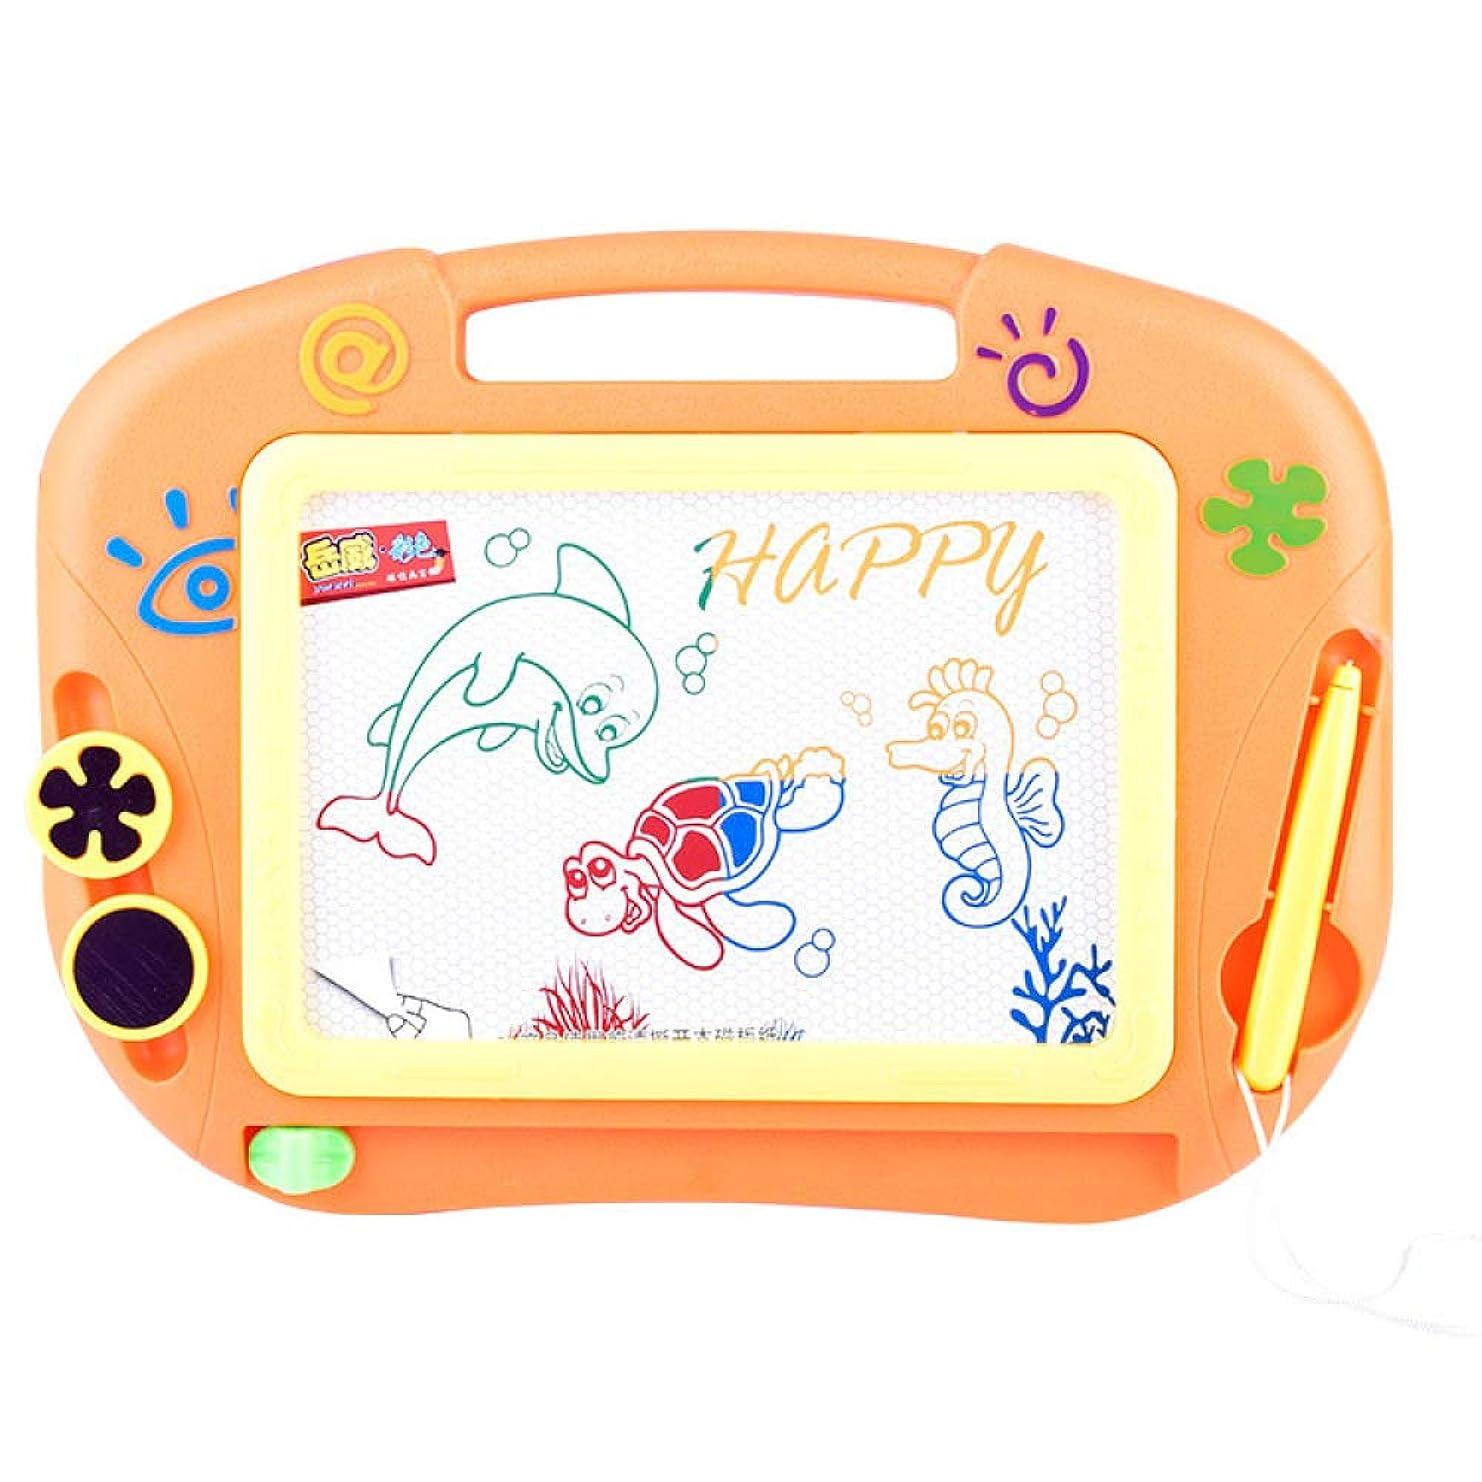 学期ほめる完全に乾く磁気製図板、リライタブルグラフィティ製図板、グラフィティ製板+ 2スタンプ、幼児/赤ちゃんに適しています,Orange